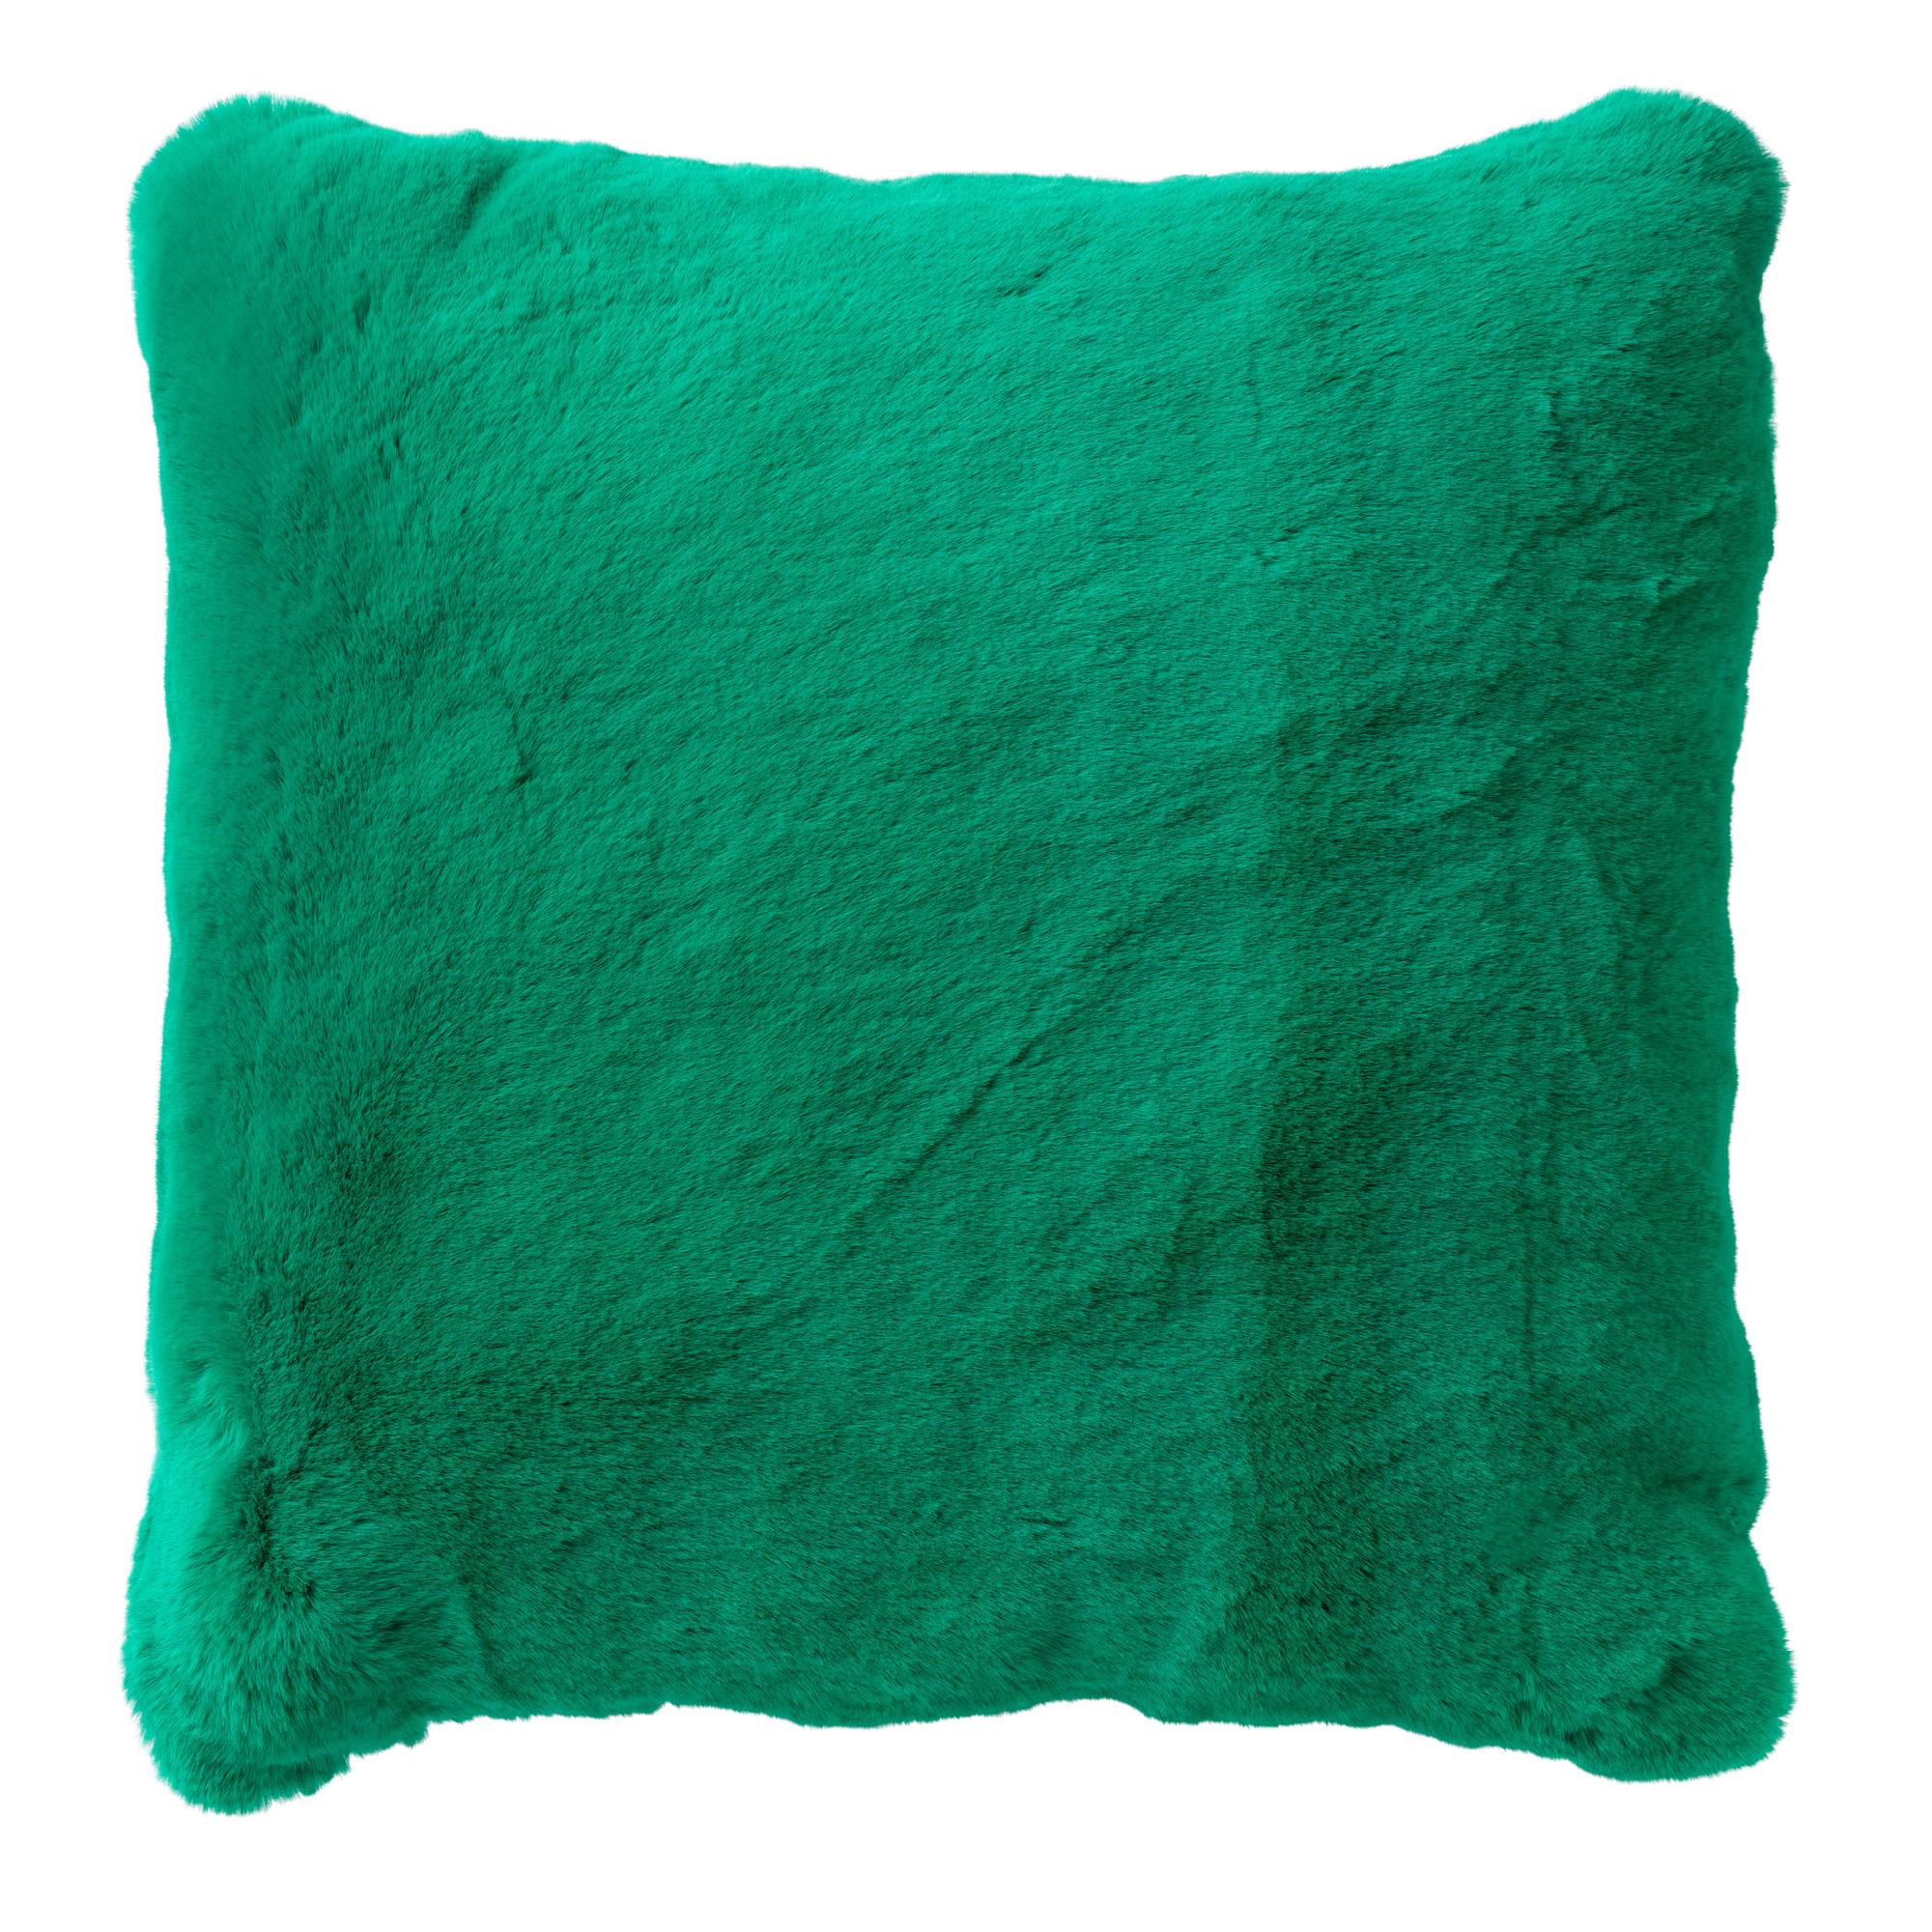 Sierkussen Zaya 45x45 cm Emerald